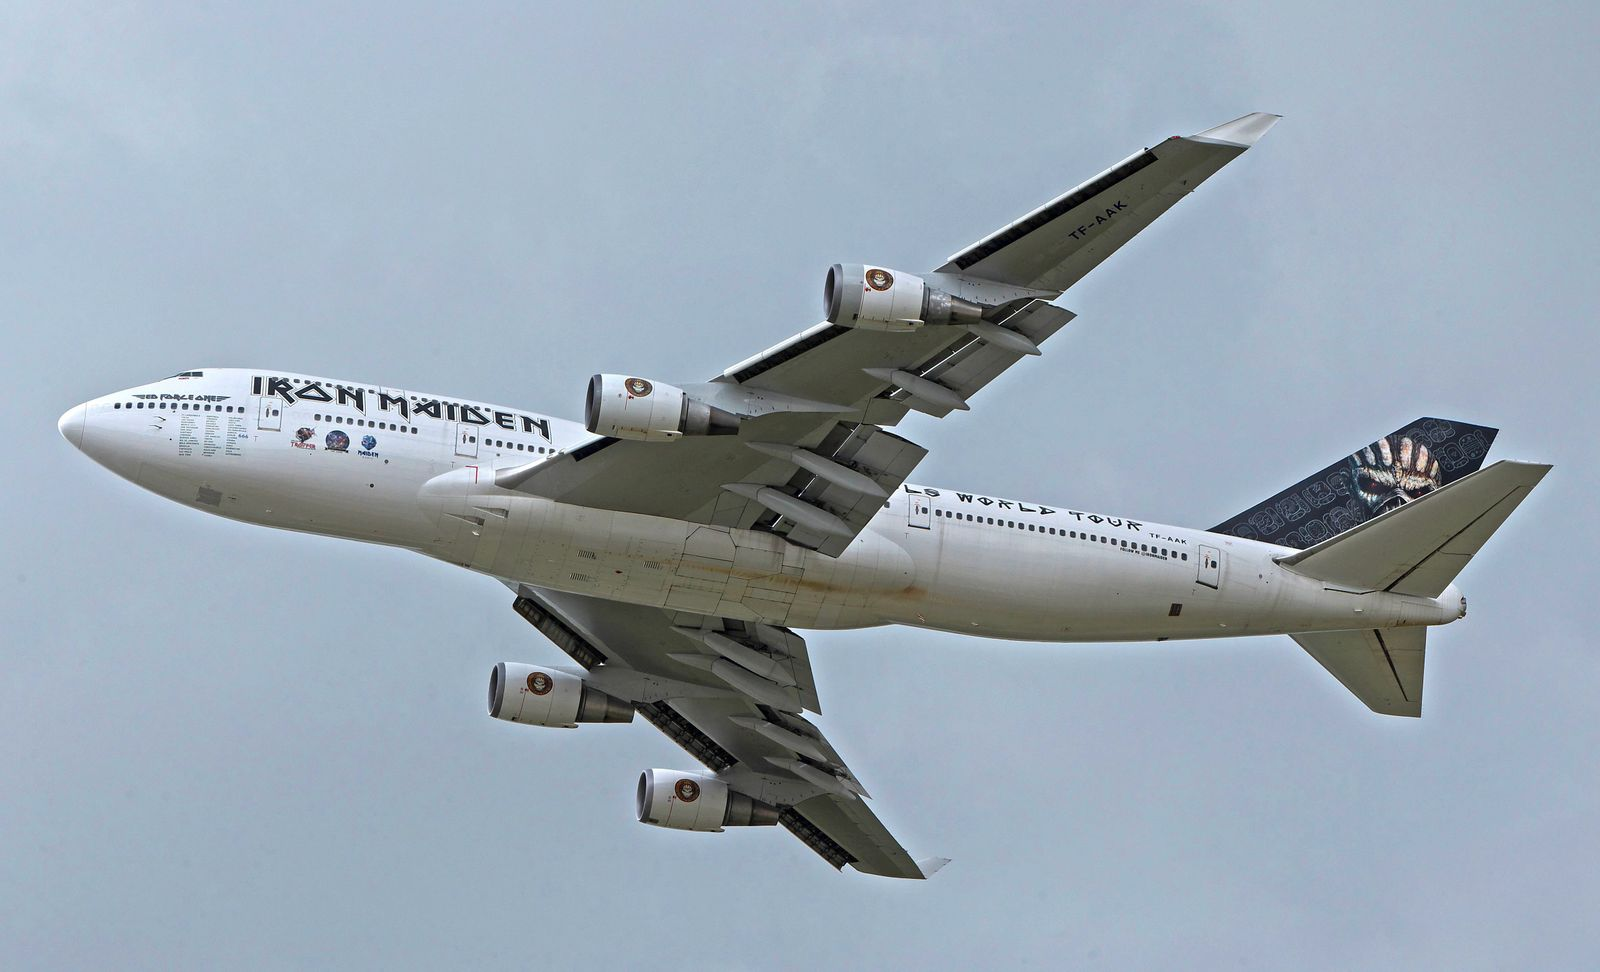 Iron Maiden Boeing 747 400 Ed Force One mit der Kennung TF AAK startet vom Flughafen Z¸rich ZRH